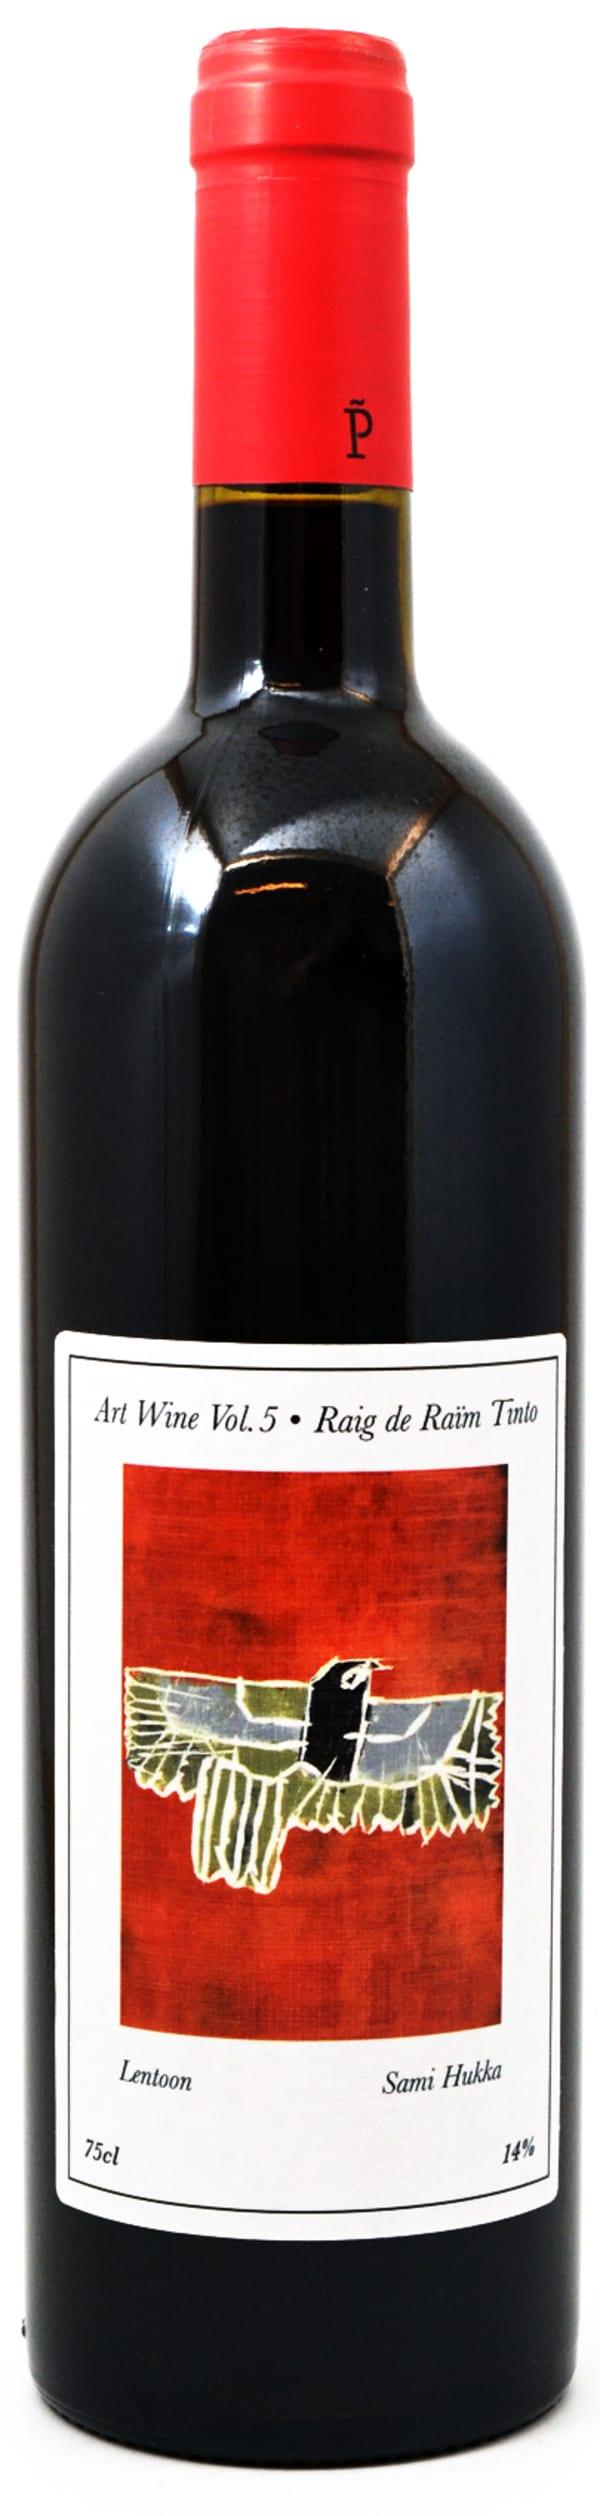 Raig de Raim Tinto Art Wine Vol.5 2014